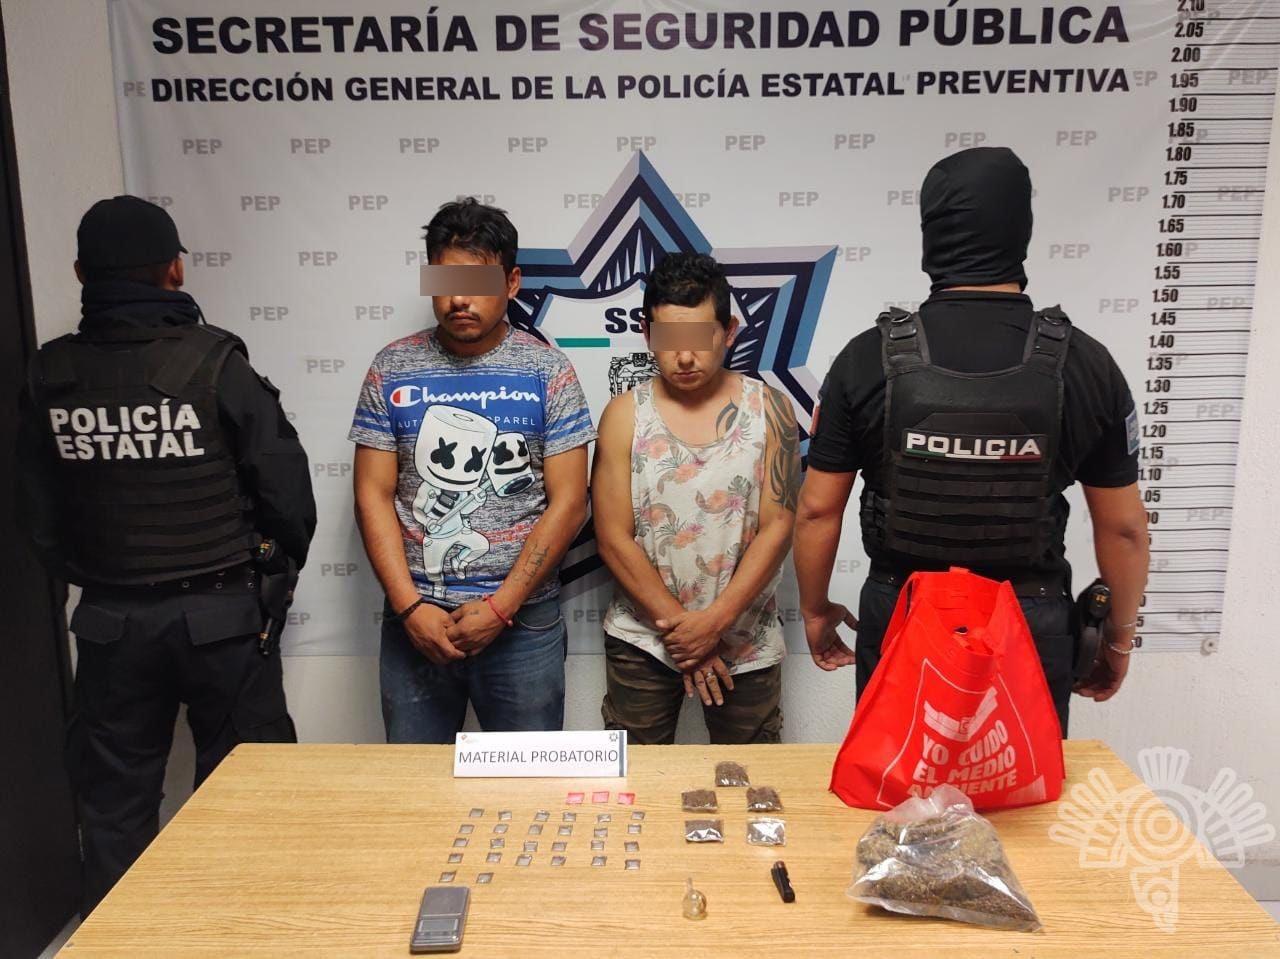 Al sur de la capital, SSP detiene a dos presuntos narcovendedores